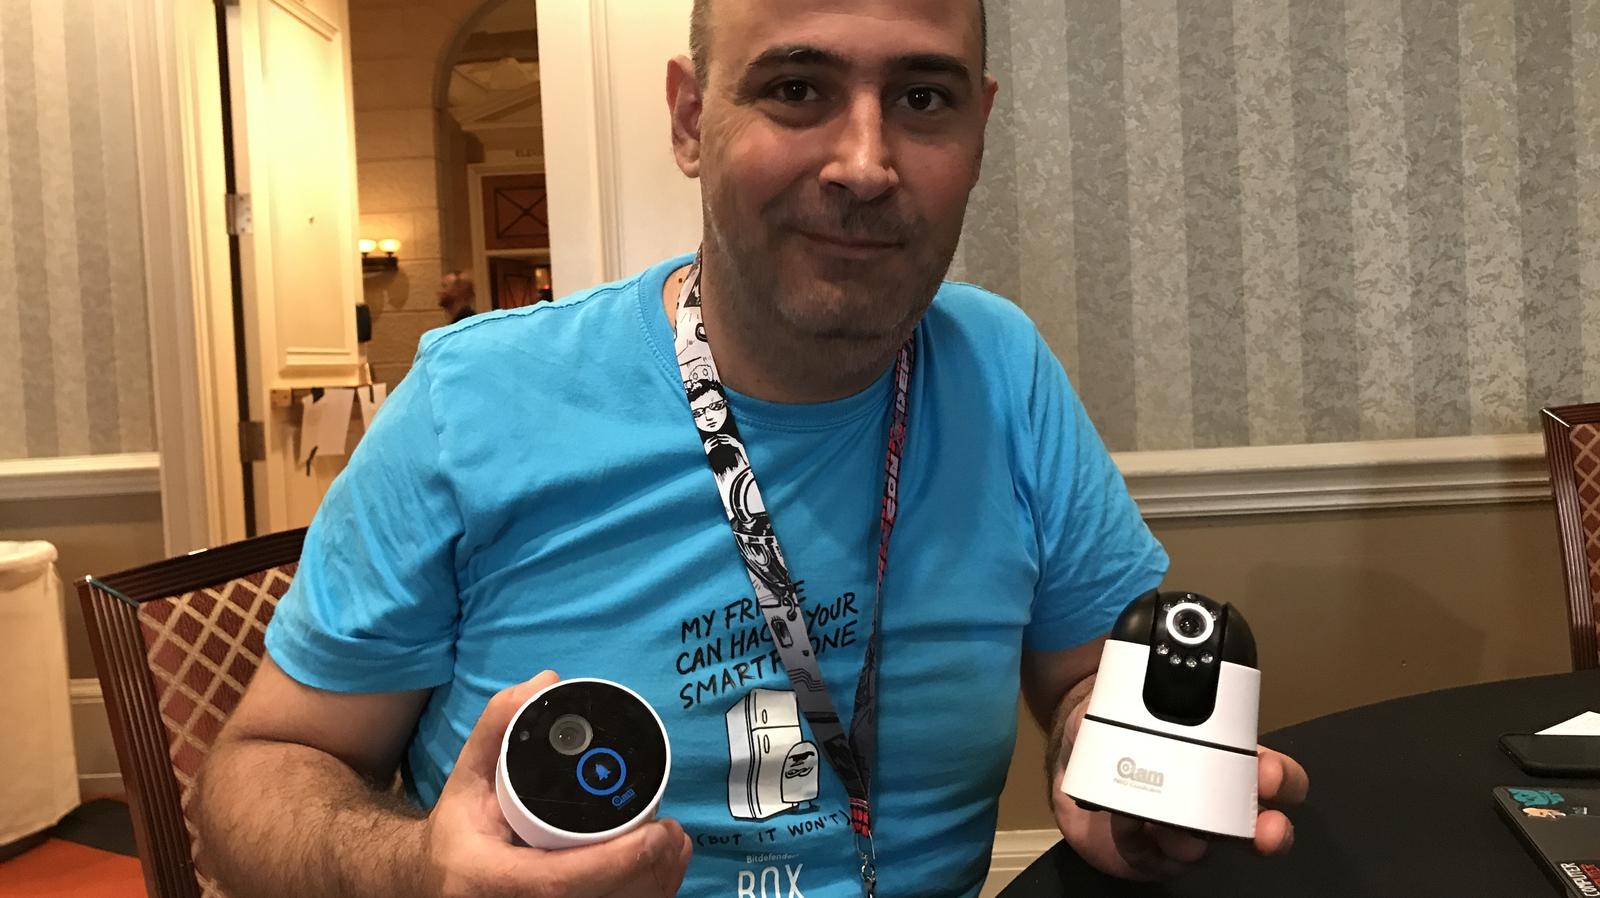 Специалисты по кибербезопасности: десятки тысяч умных камер можно взломать без особых усилий - 1